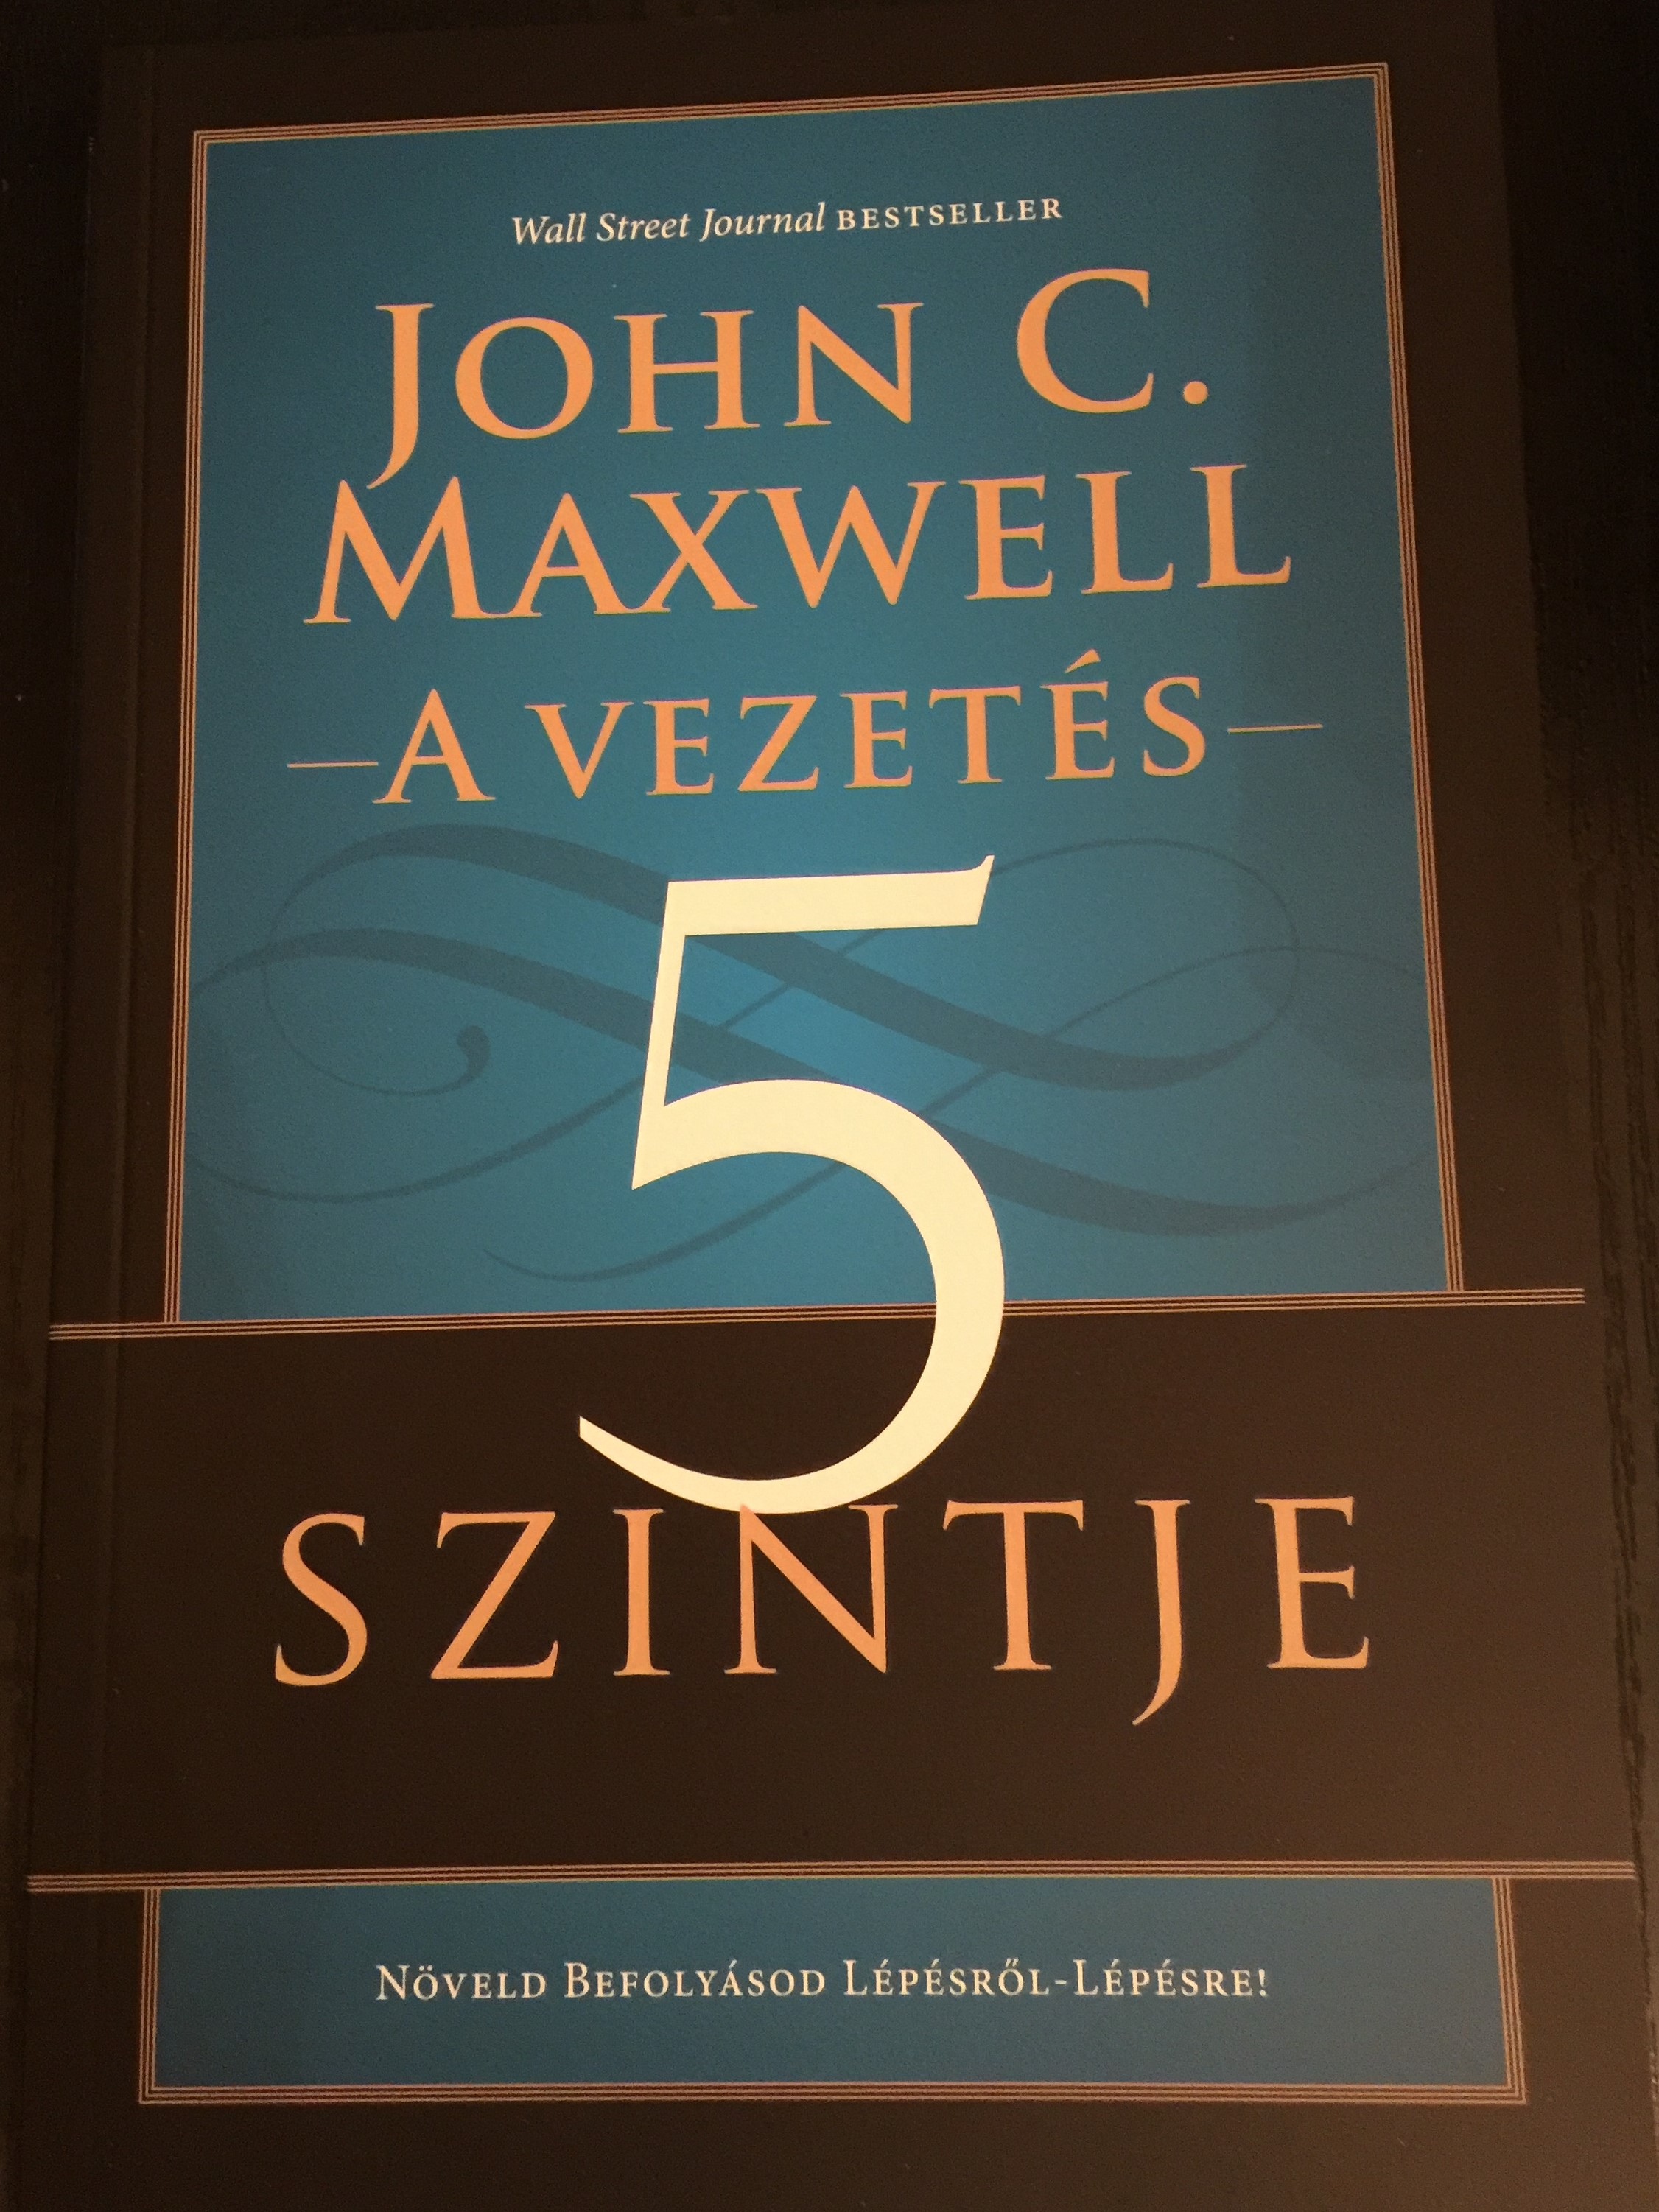 a-vezet-s-5-szintje-by-john-c.-maxwell-1.jpg